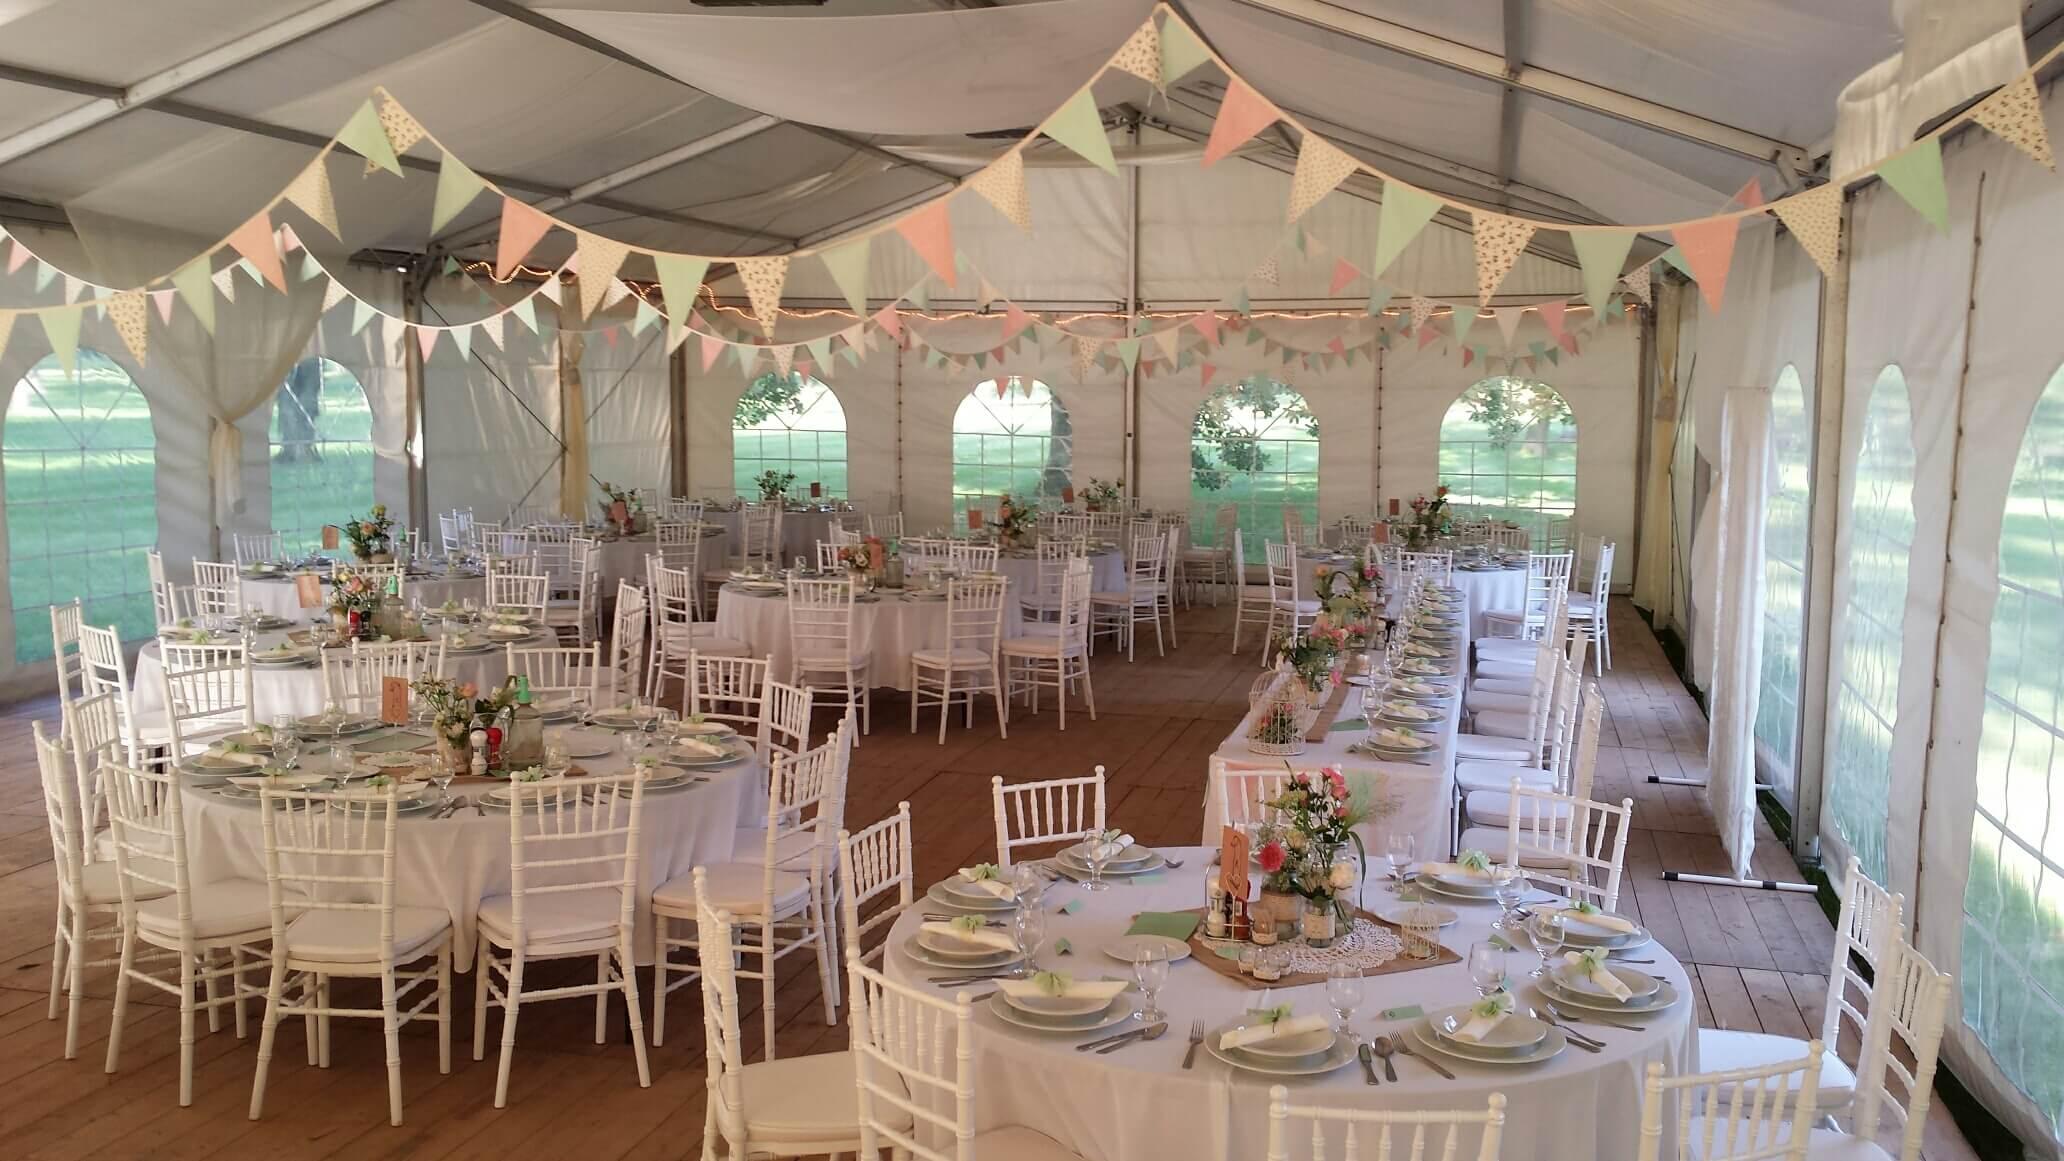 72dbd16906 Vintage esküvői dekoráció - Ágota EsküvőszervezésÁgota Esküvőszervezés